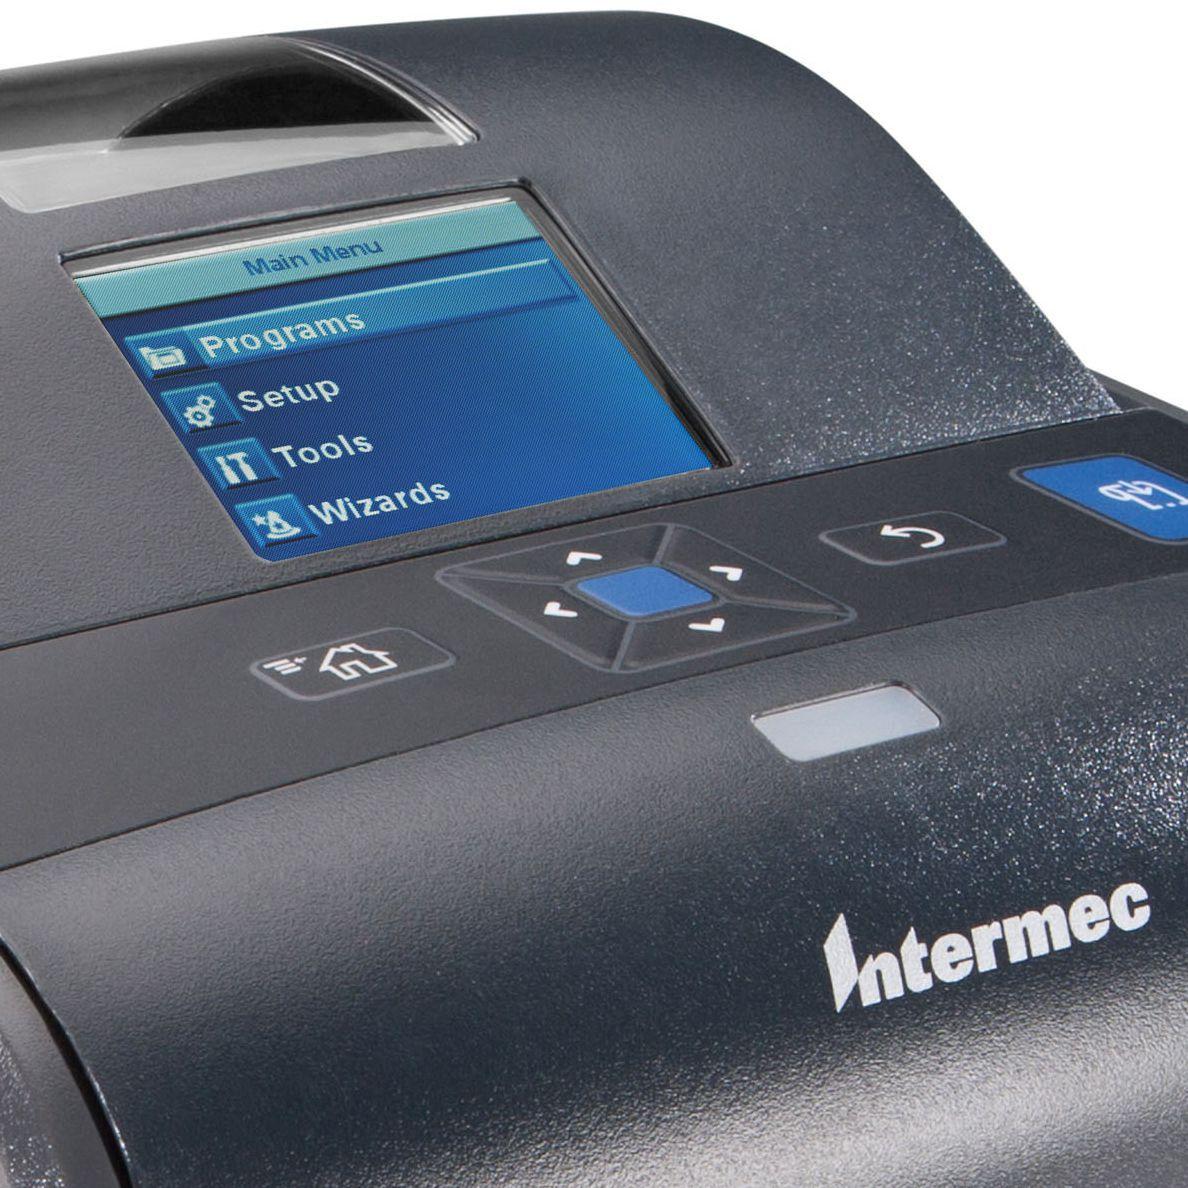 Imprimante intermec pc43d